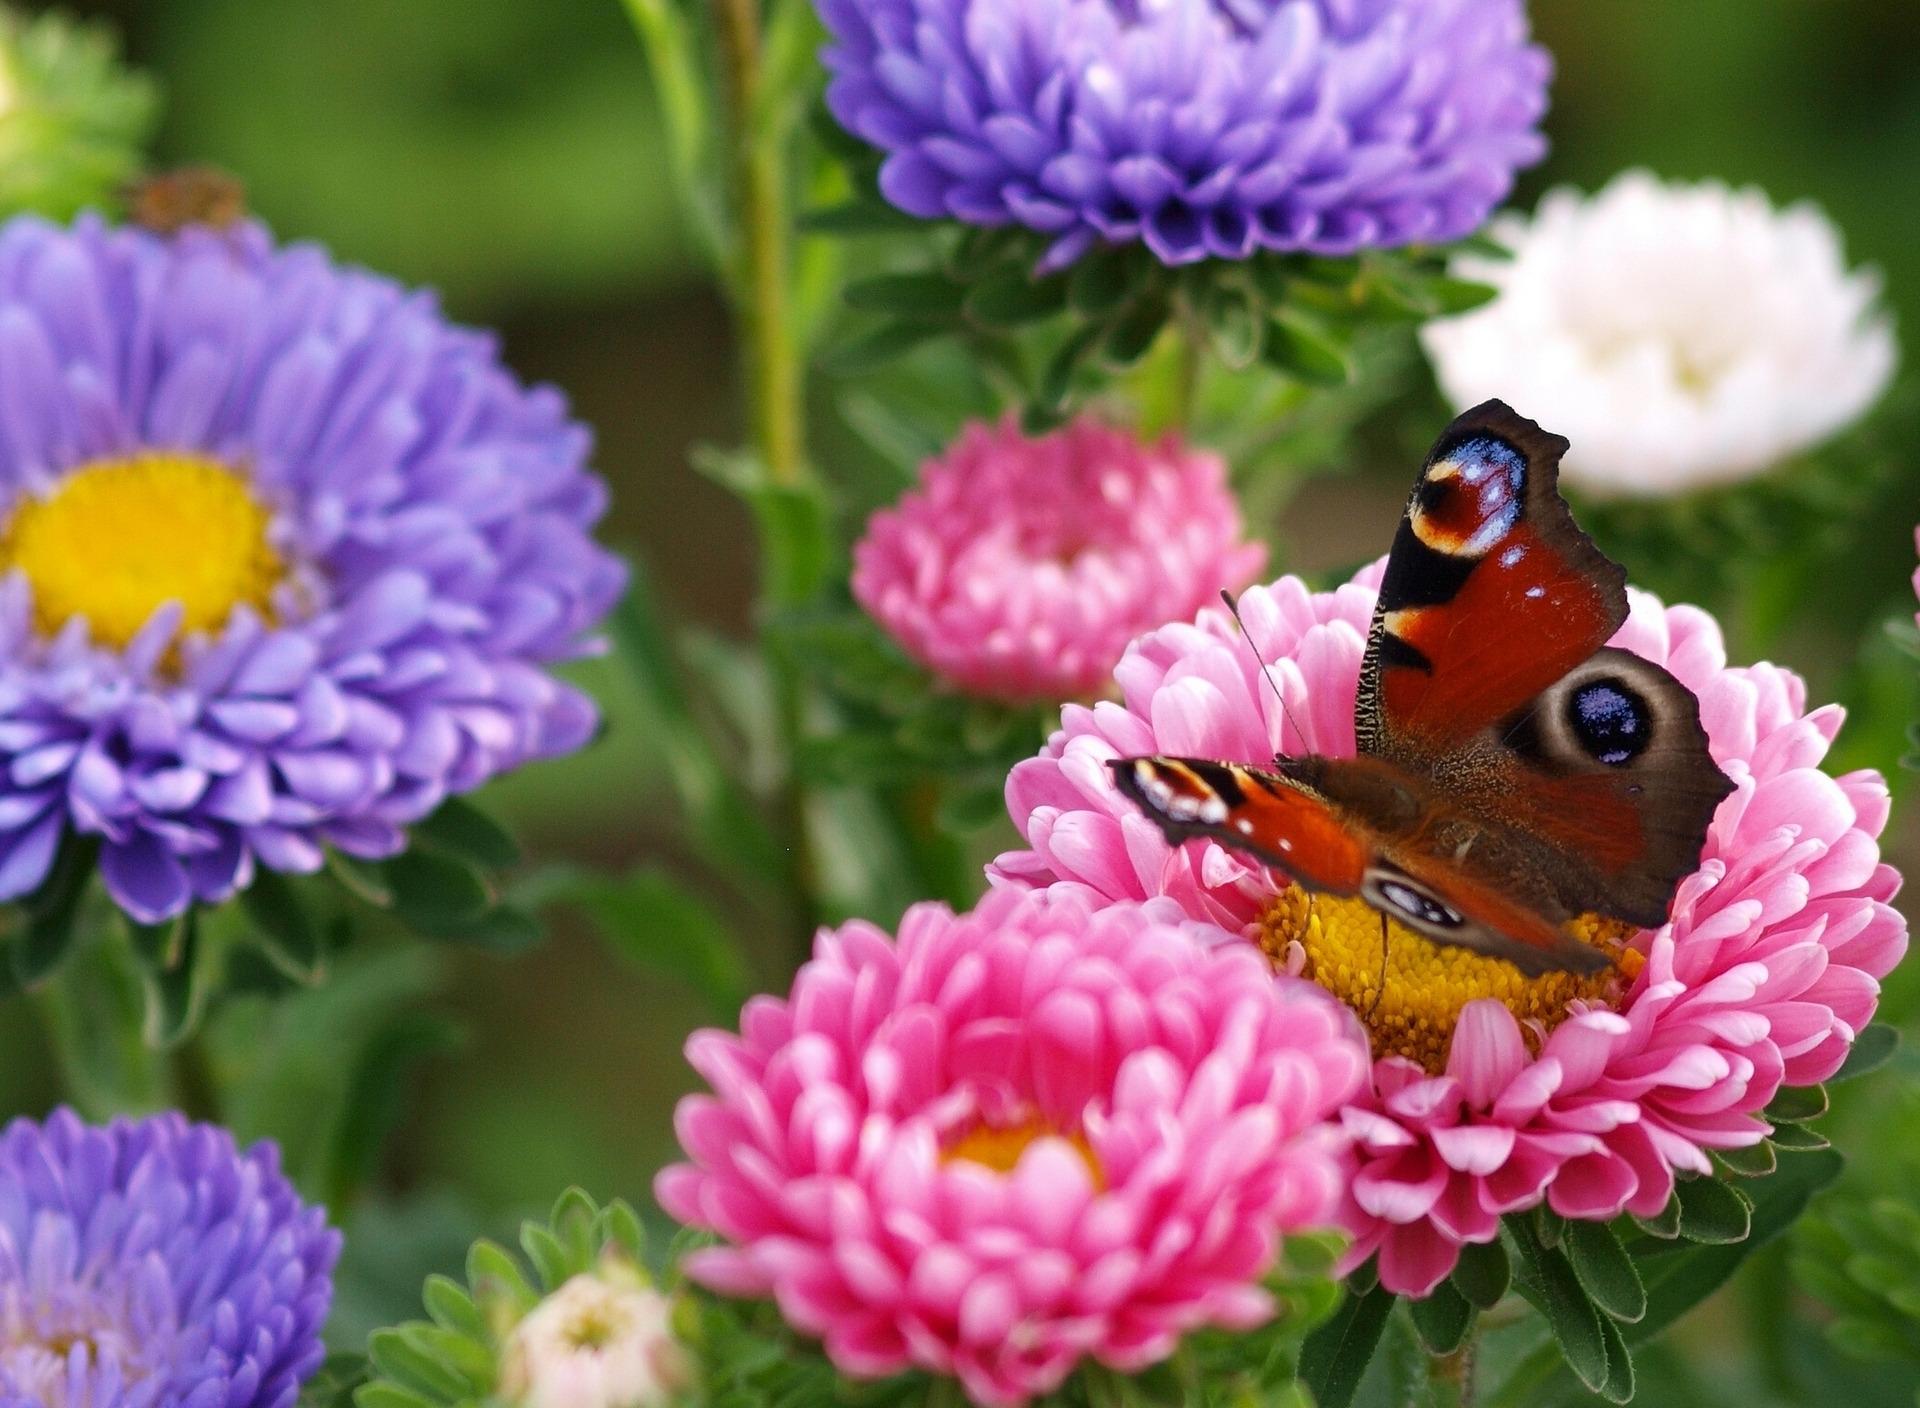 Картинка с изображением цветов и бабочек, день студентов мишки